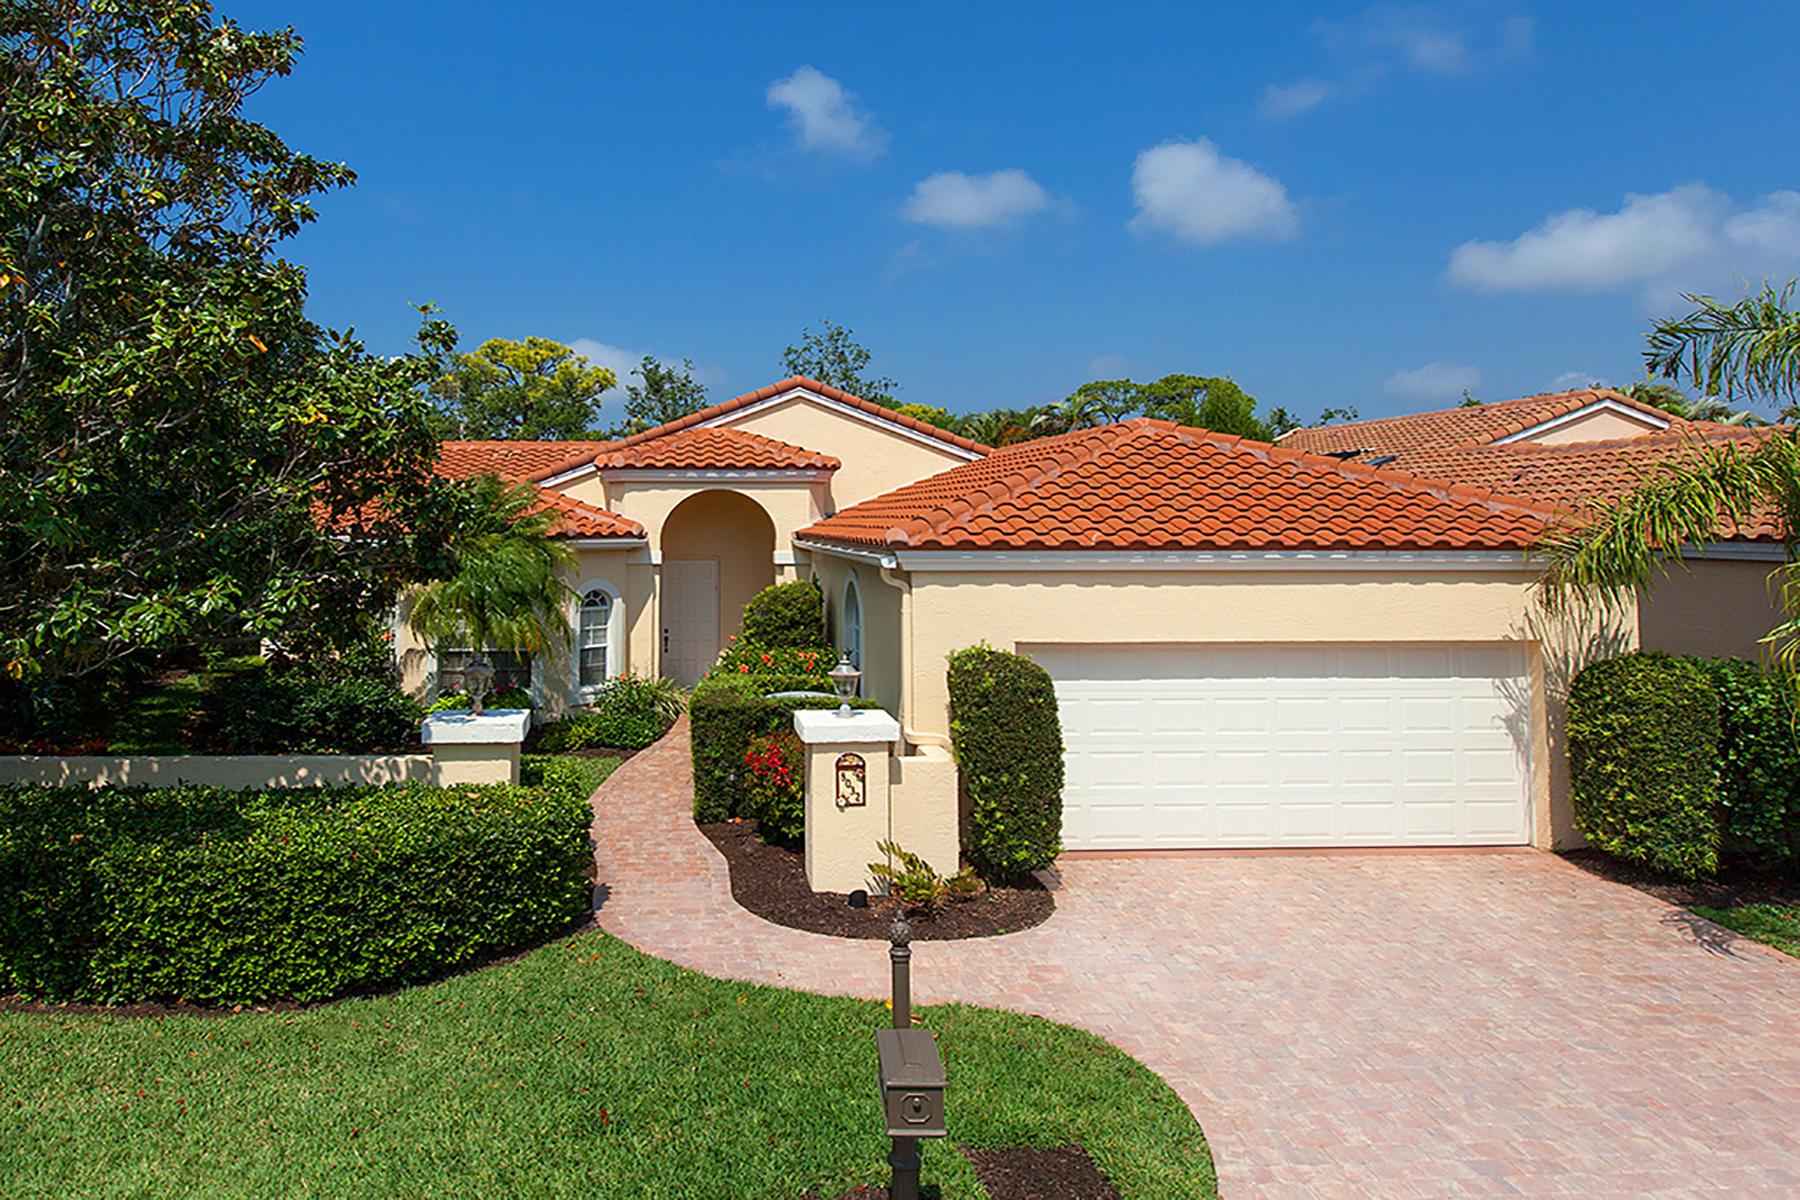 一戸建て のために 売買 アット 8032 Via Fiore , Sarasota, FL 34238 8032 Via Fiore, Sarasota, フロリダ, 34238 アメリカ合衆国